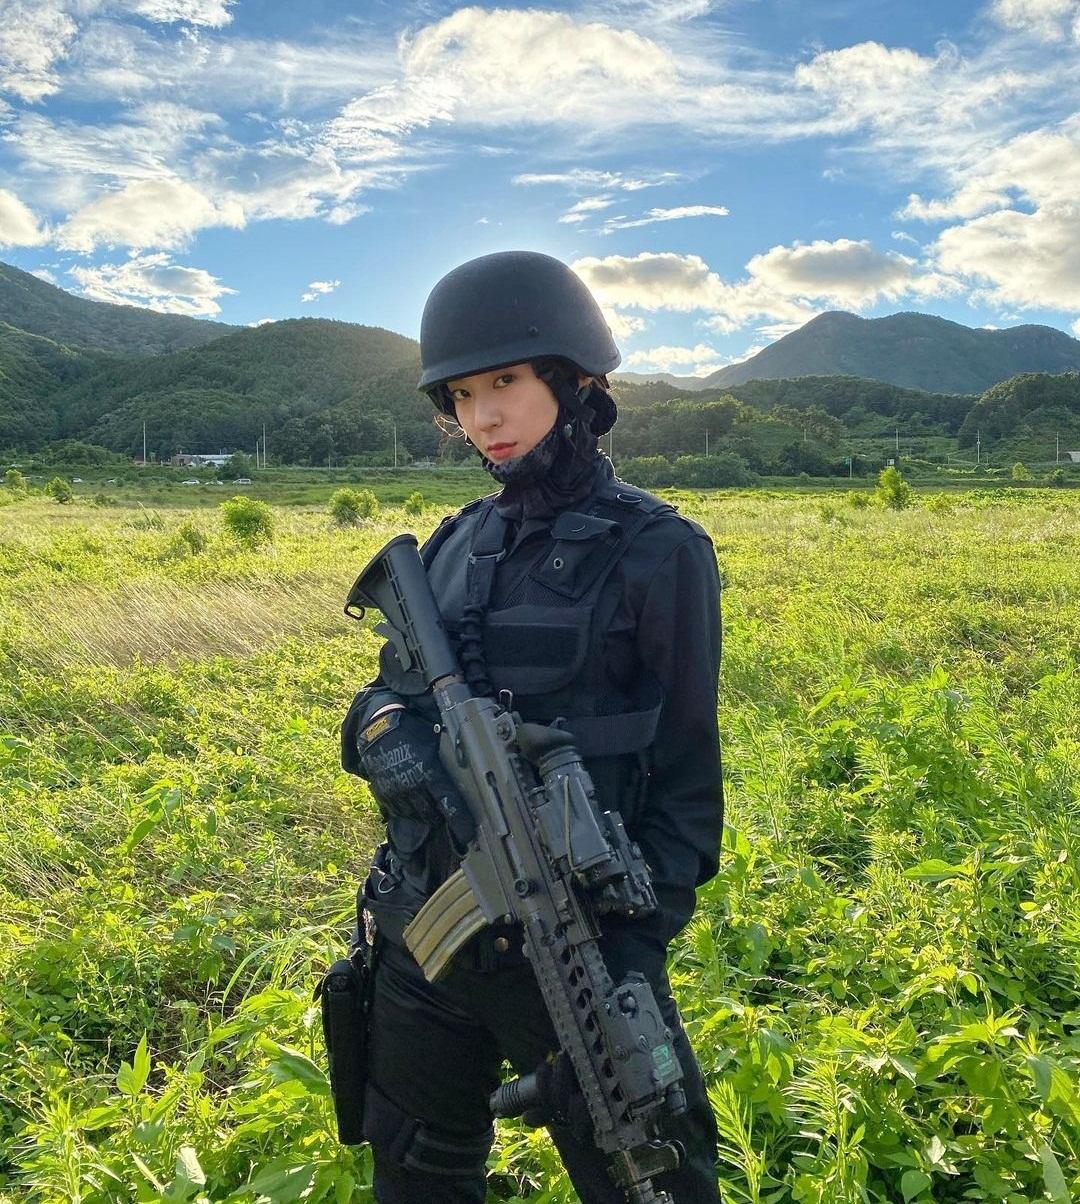 Krystal khiến fan trầm trồ khi hóa thân thành nữ quân nhân trang bị tận răng cực ngầu.